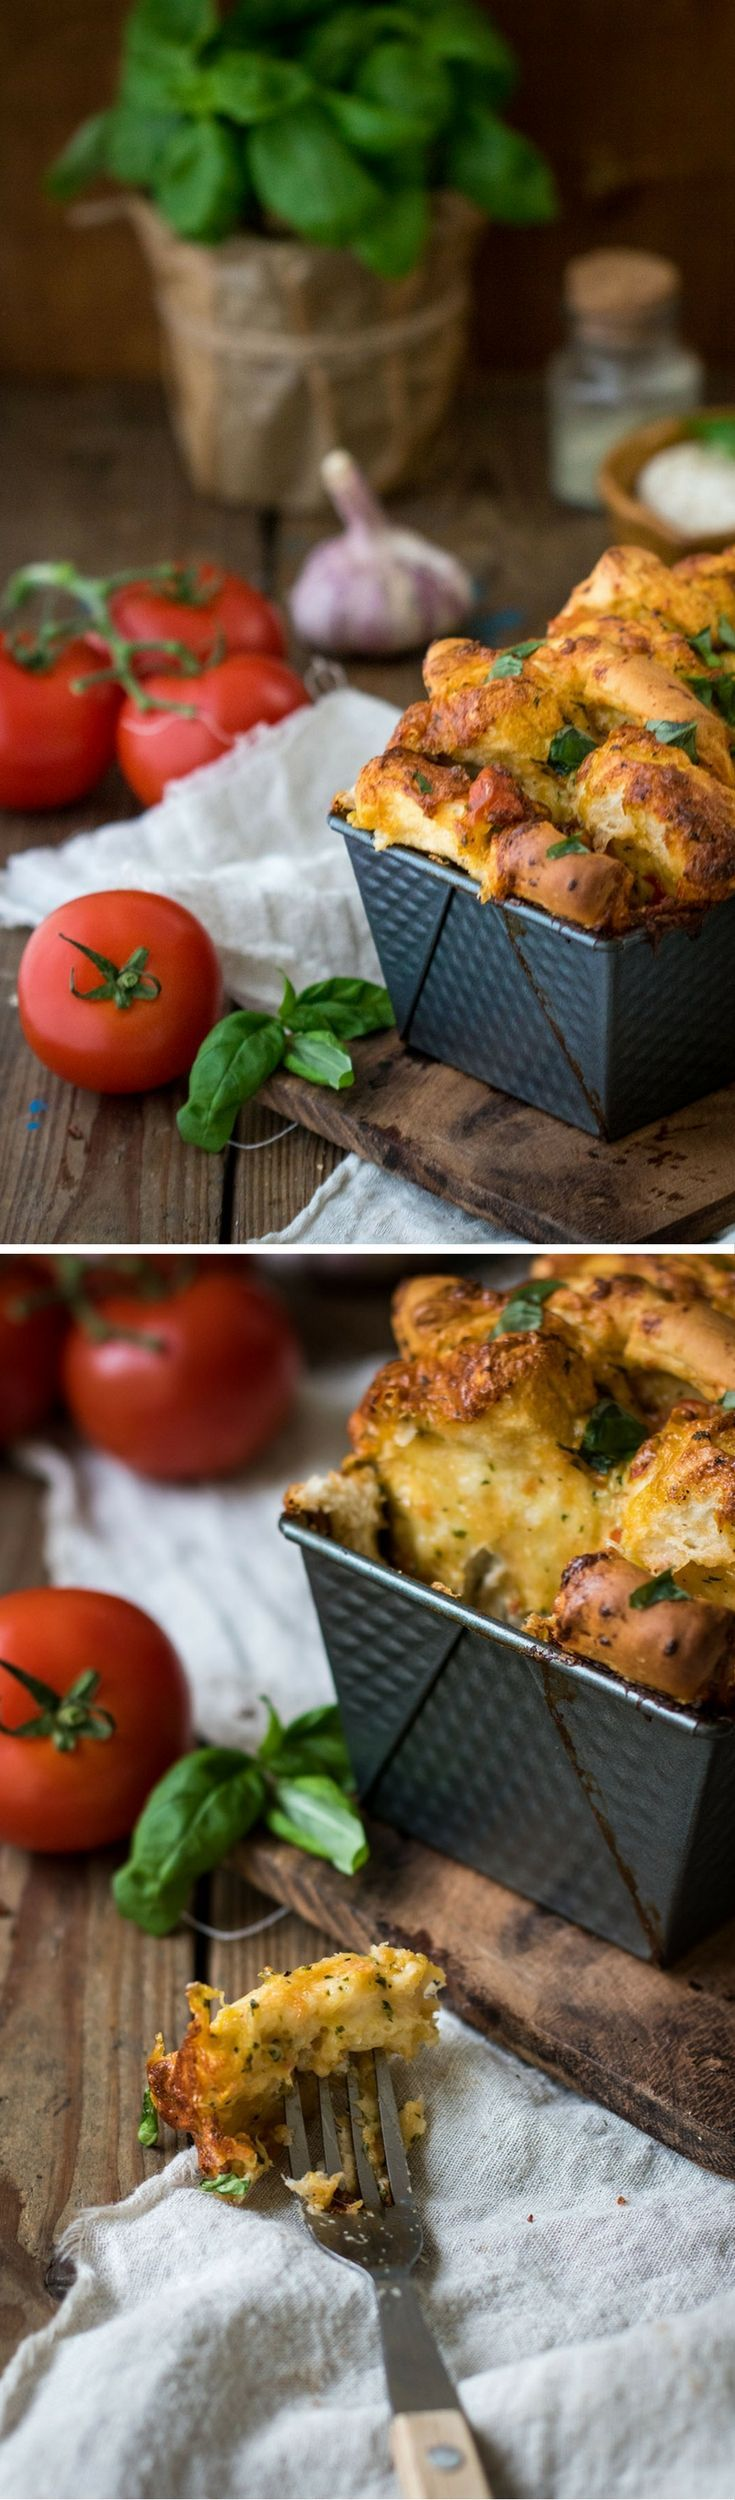 leckeres mediterranes Faltenbrot mit Tomate und Mozzarella  Zutaten  500g Mehl und etwas mehr zum ausrollen  1 Würfel Hefe  230g lauwarmes Wasser  40g Olivenöl  2 Tl Salz  1/2 Tl Zucker  Für die Füllung  2 Knoblauchzehen  15-20 Basilikumblätter  2 Kugeln Mozzarella geviertelt  1 Tomate geviertelt  1 große Tomate in Würfel geschnitten  1 1/2 Tl Salz  Pfeffer nach Geschmack  wer mag 1 El Pizzagewürz ( hatte ich nicht)  Das Rezept findest du unter www.jokihu.de